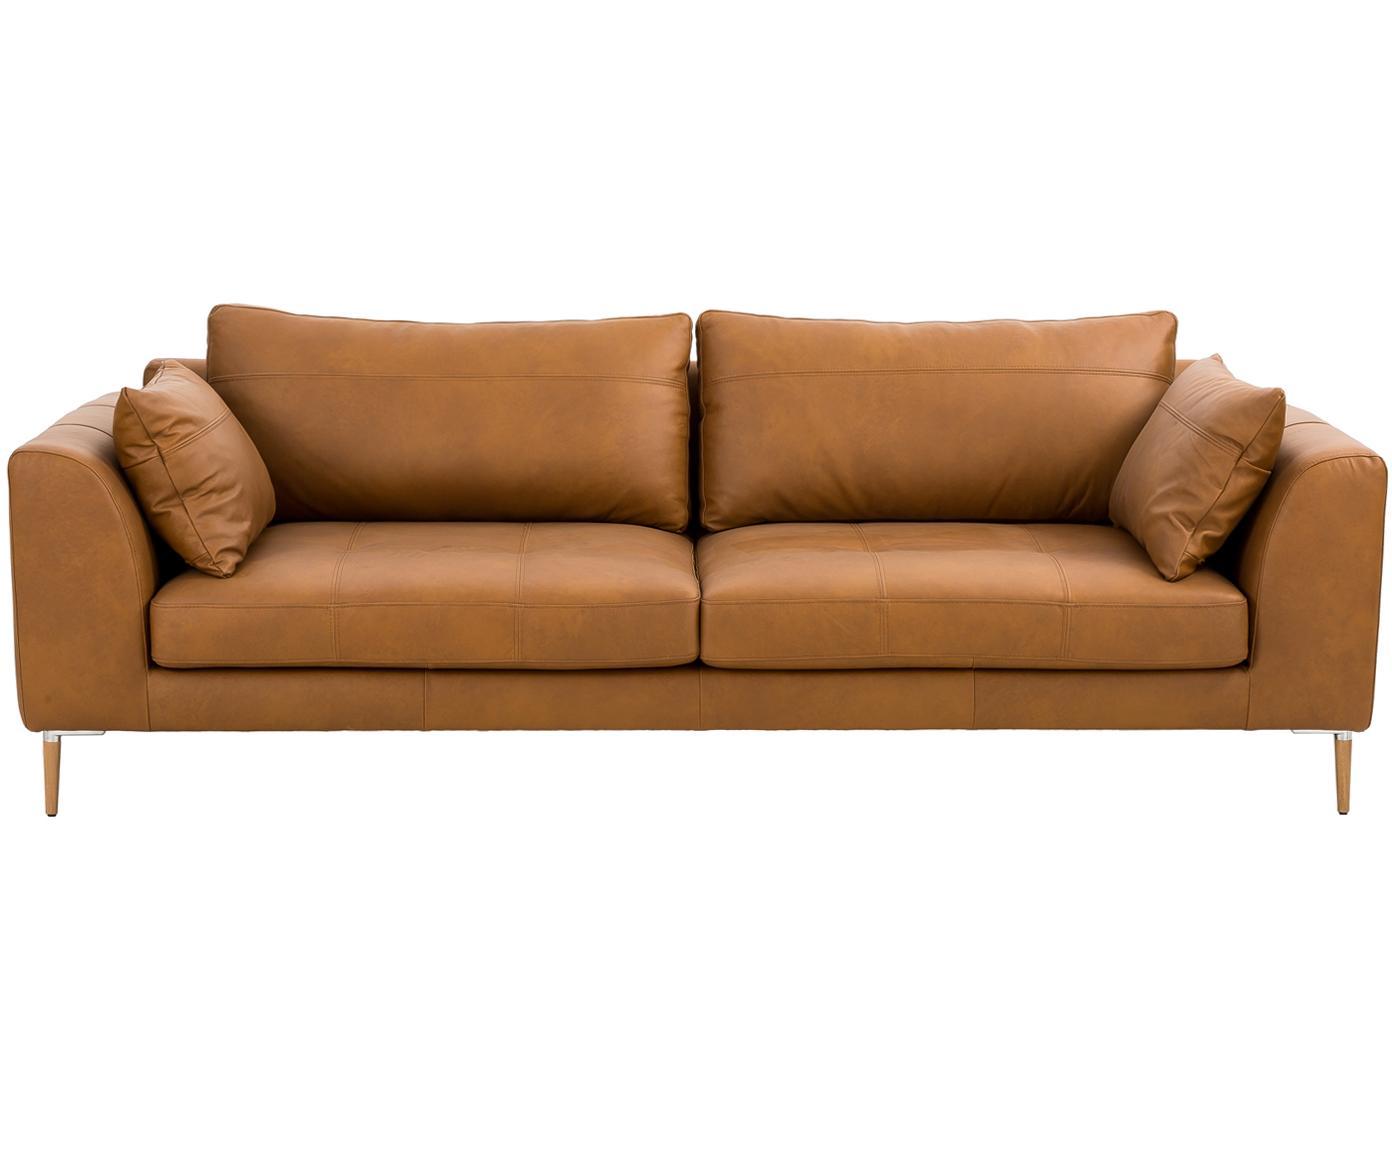 Sofa ze skóry Canyon (3-osobowa), Tapicerka: skóra częściowo anilinowa, Nogi: drewno bukowe, metal, Skóra w kolorze koniakowym, S 225 x G 100 cm